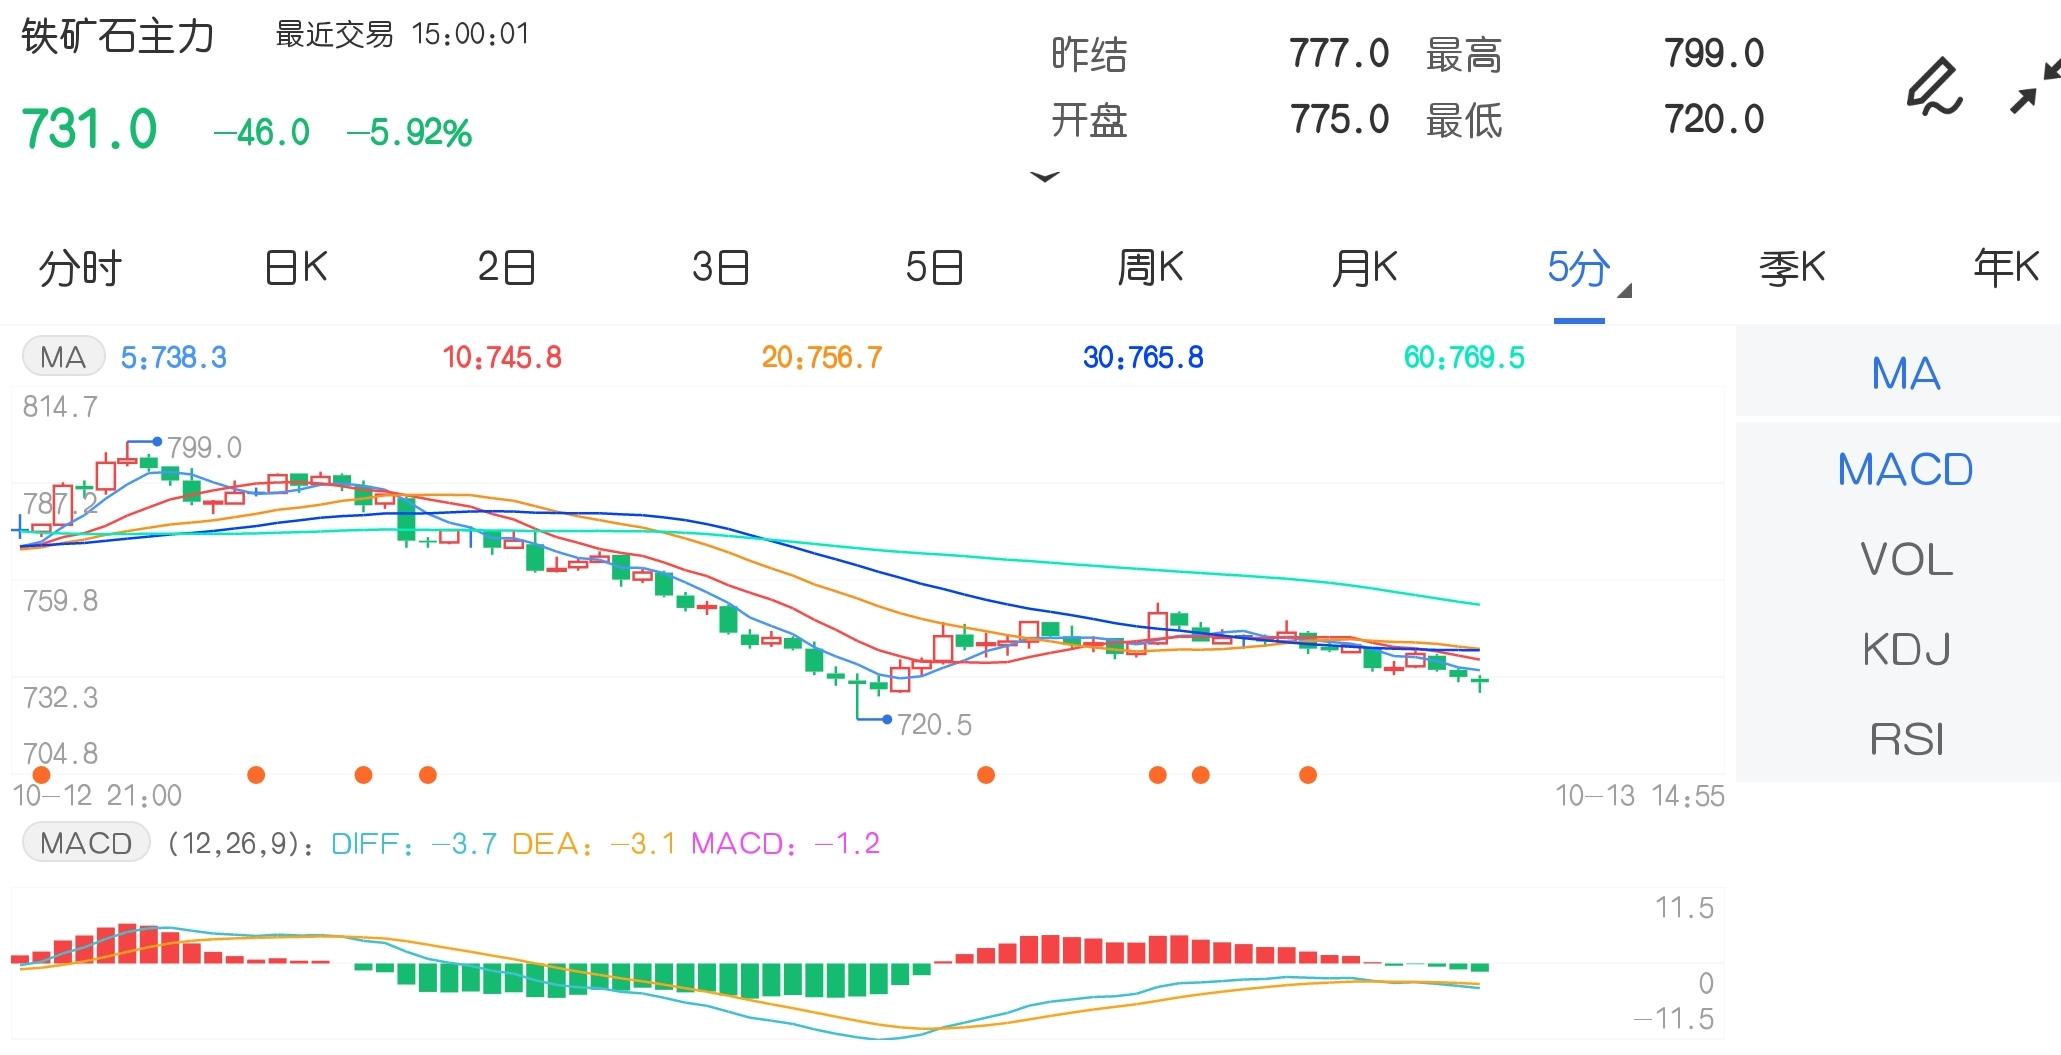 10月13日期货软件走势图综述:铁矿石期货主力跌5.92%